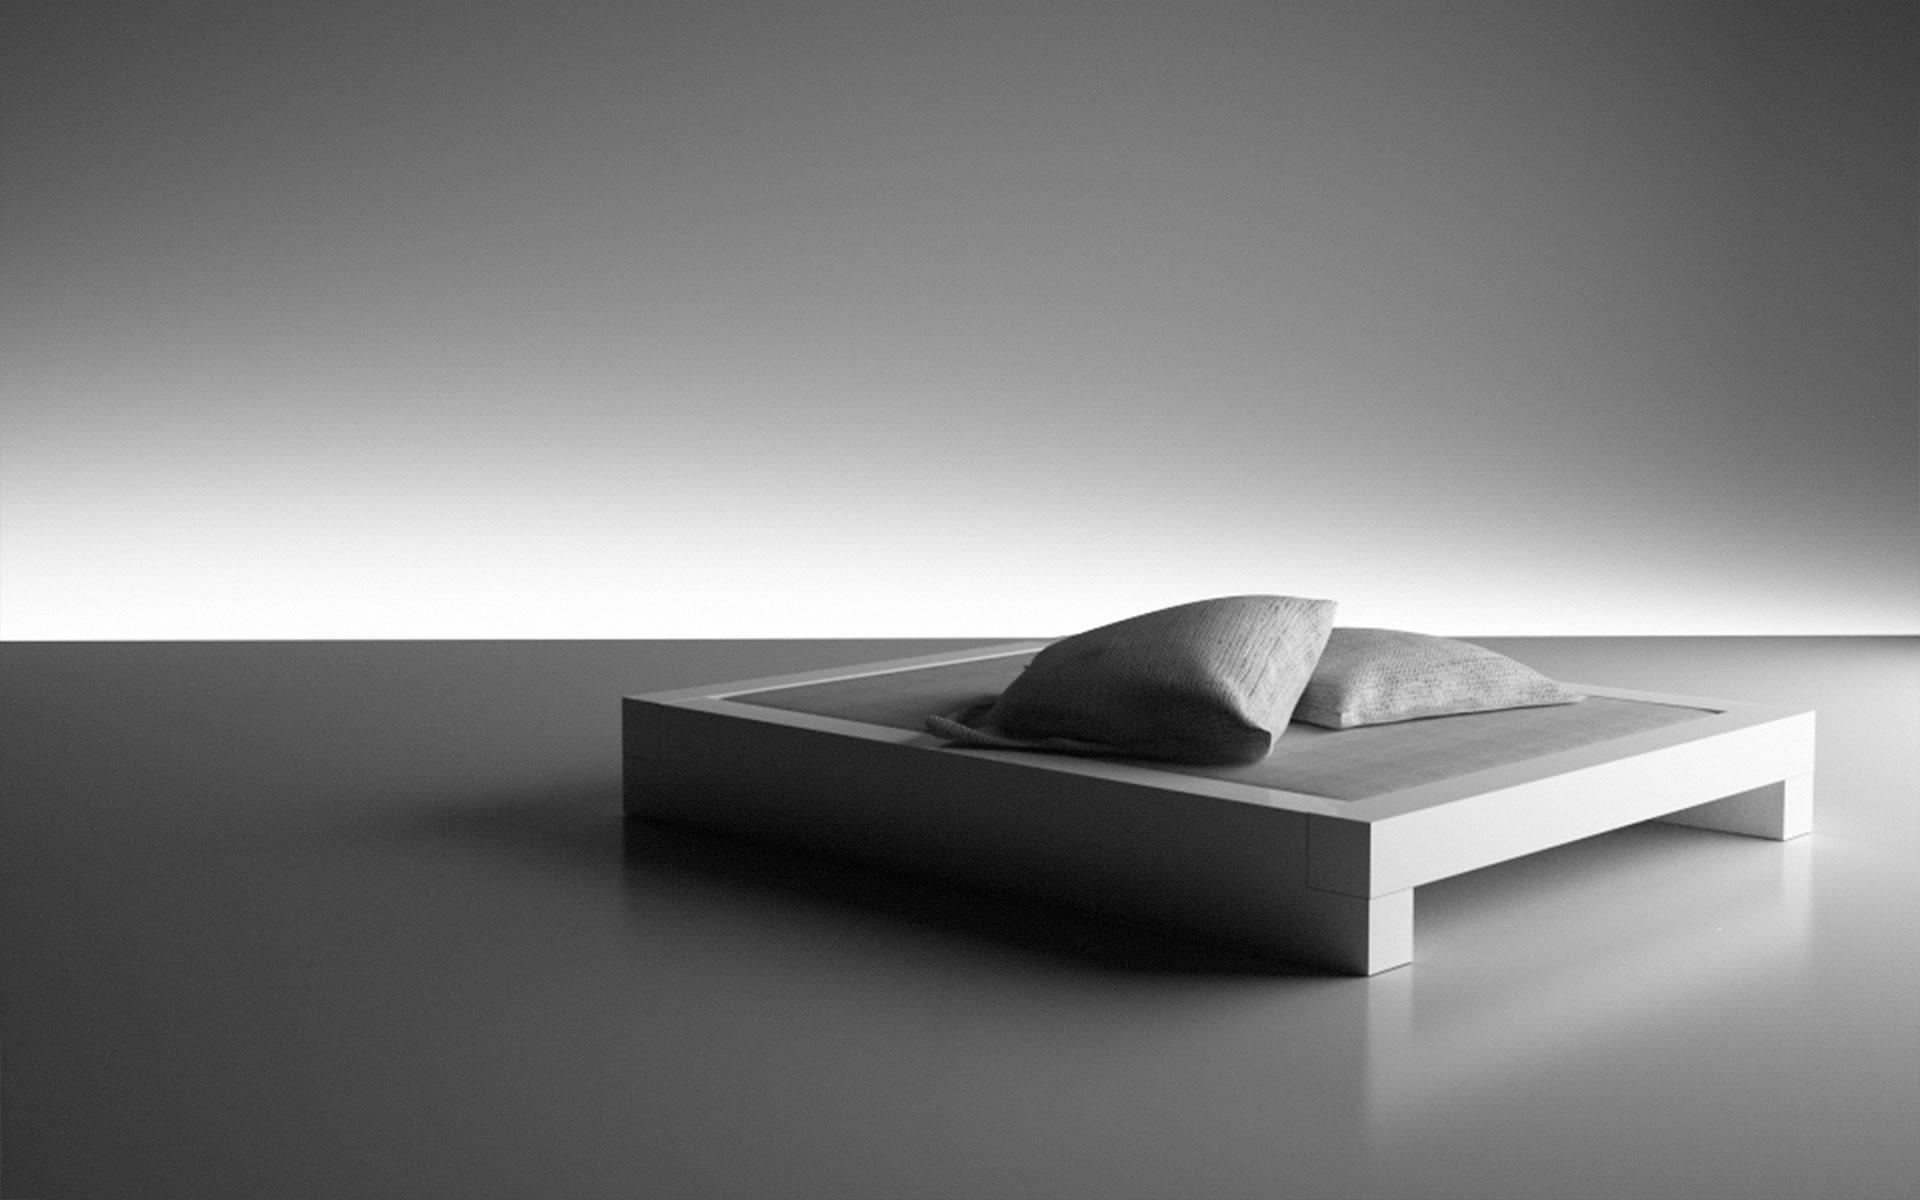 Full Size of Bett Modern Design Somnium Minimalistisches Von Ruf Betten Fabrikverkauf Minimalistisch Platzsparend Oschmann 80x200 Günstig Kaufen 180x200 Halbhohes Ohne Bett Bett Modern Design